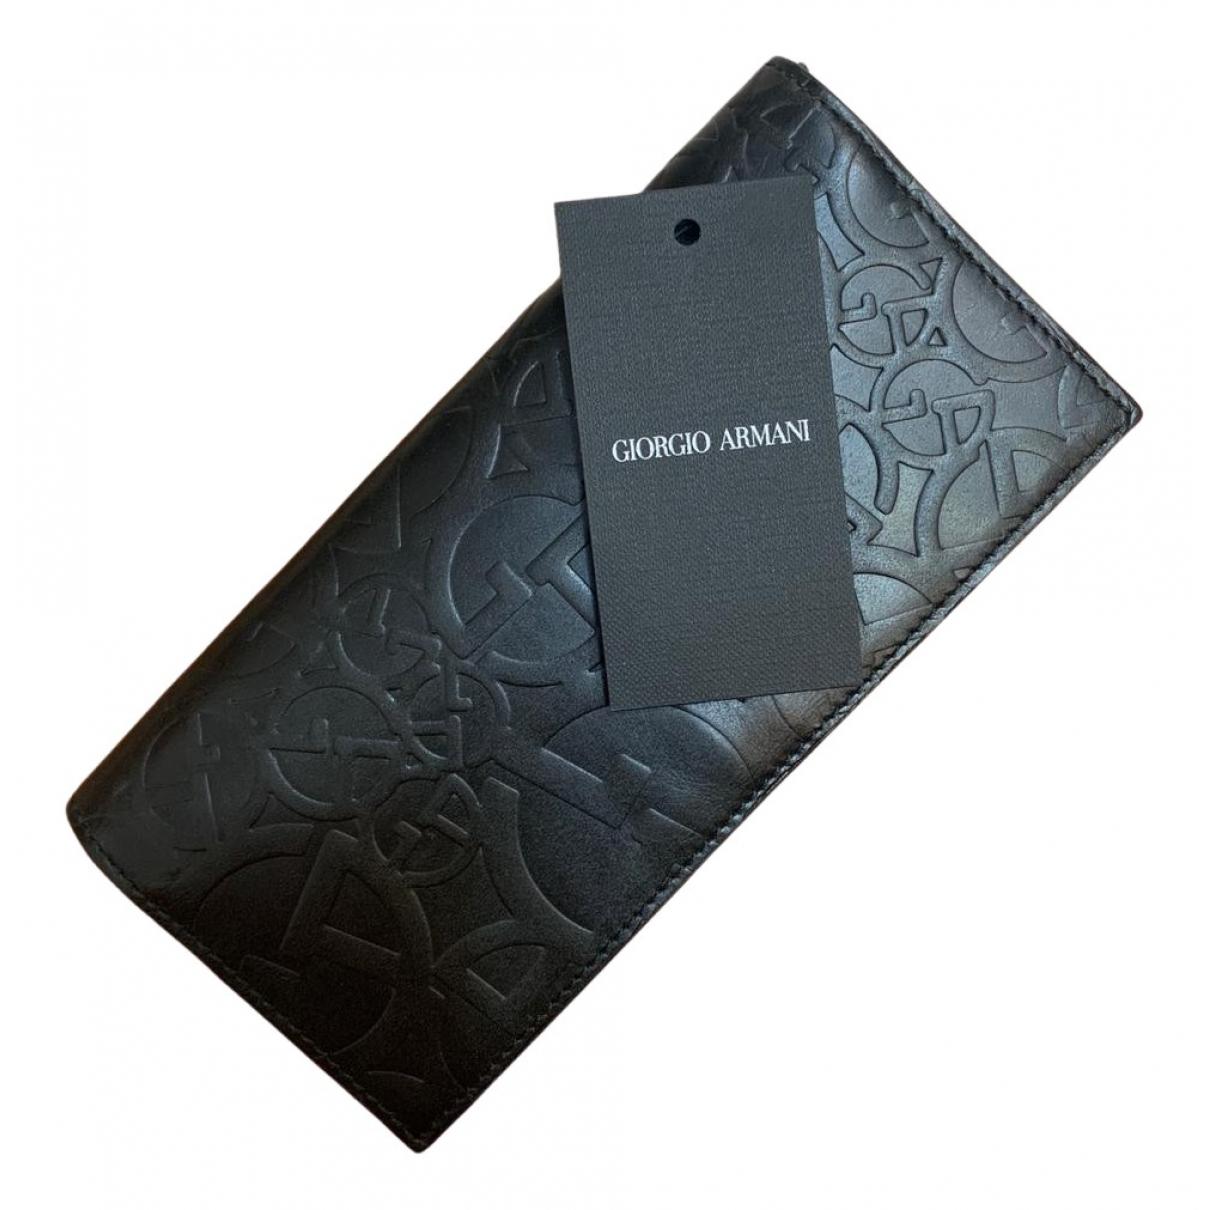 Giorgio Armani - Portefeuille   pour femme en cuir - noir